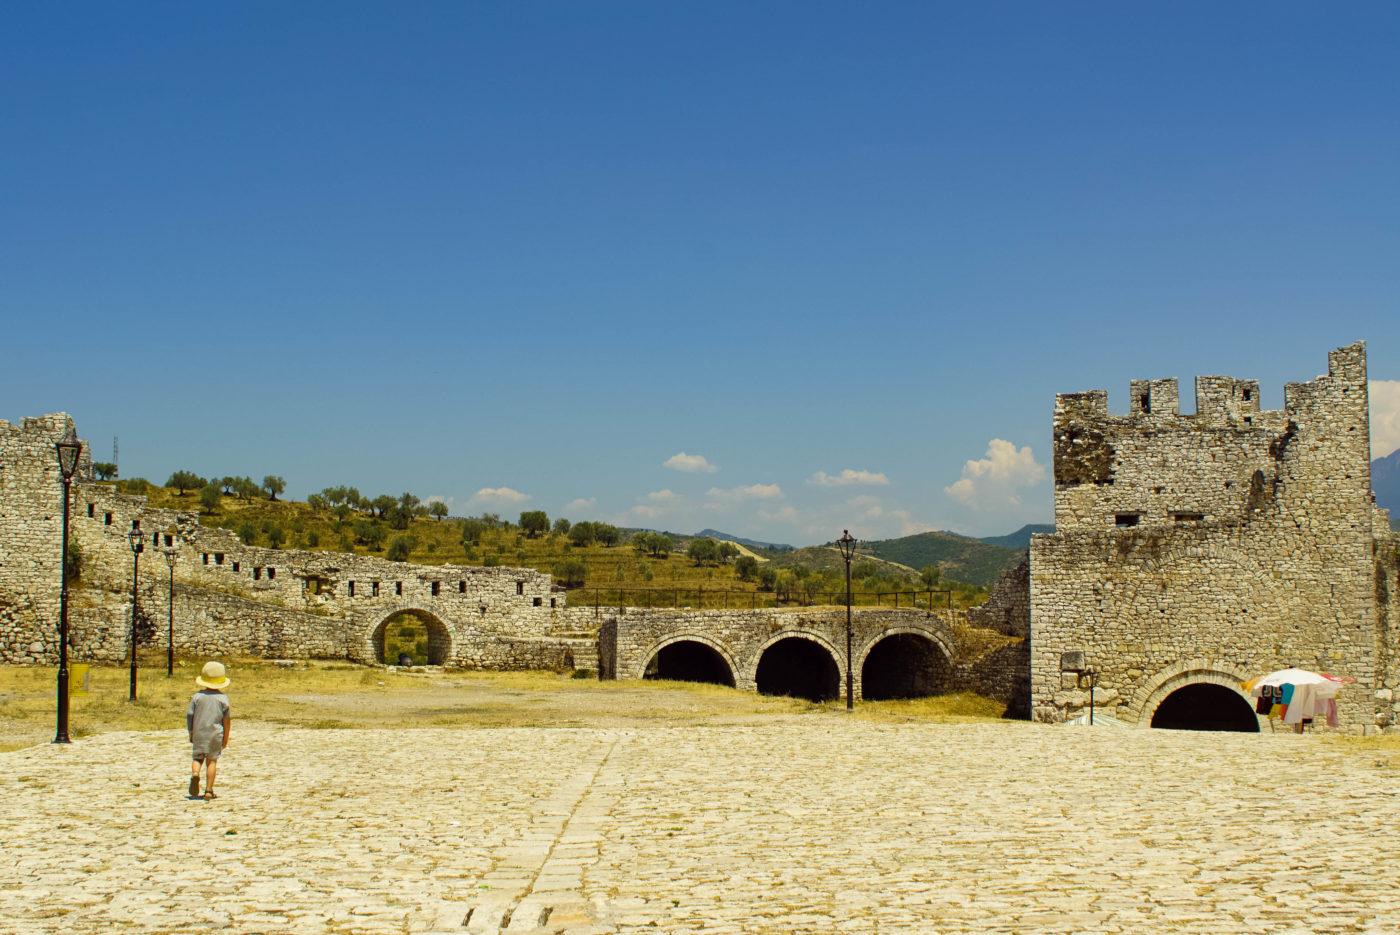 Zu sehen ist wie Luk über einen Leeren Platz vor einem der mächtigen Tore der Festung läuft.